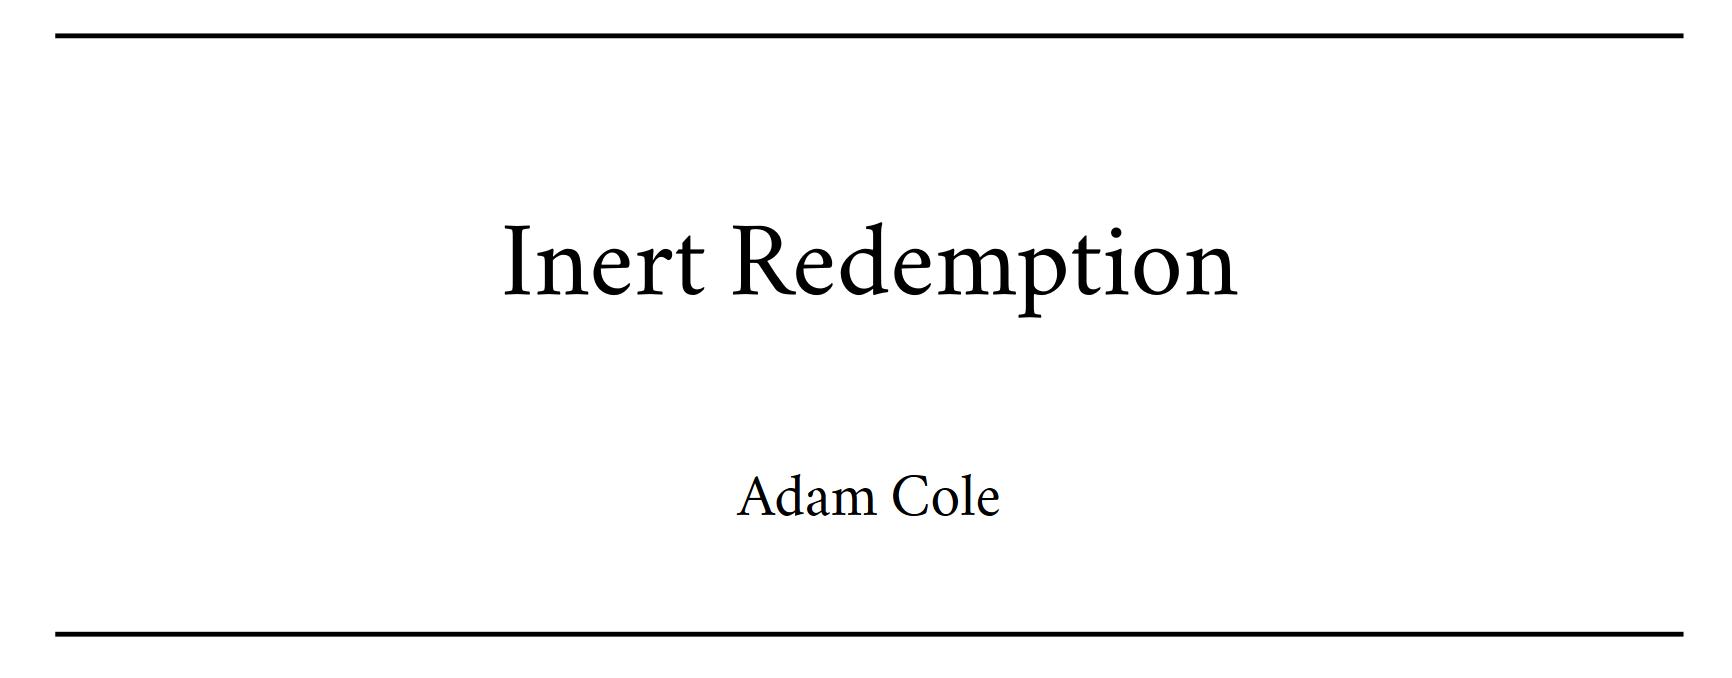 Inert Redemption